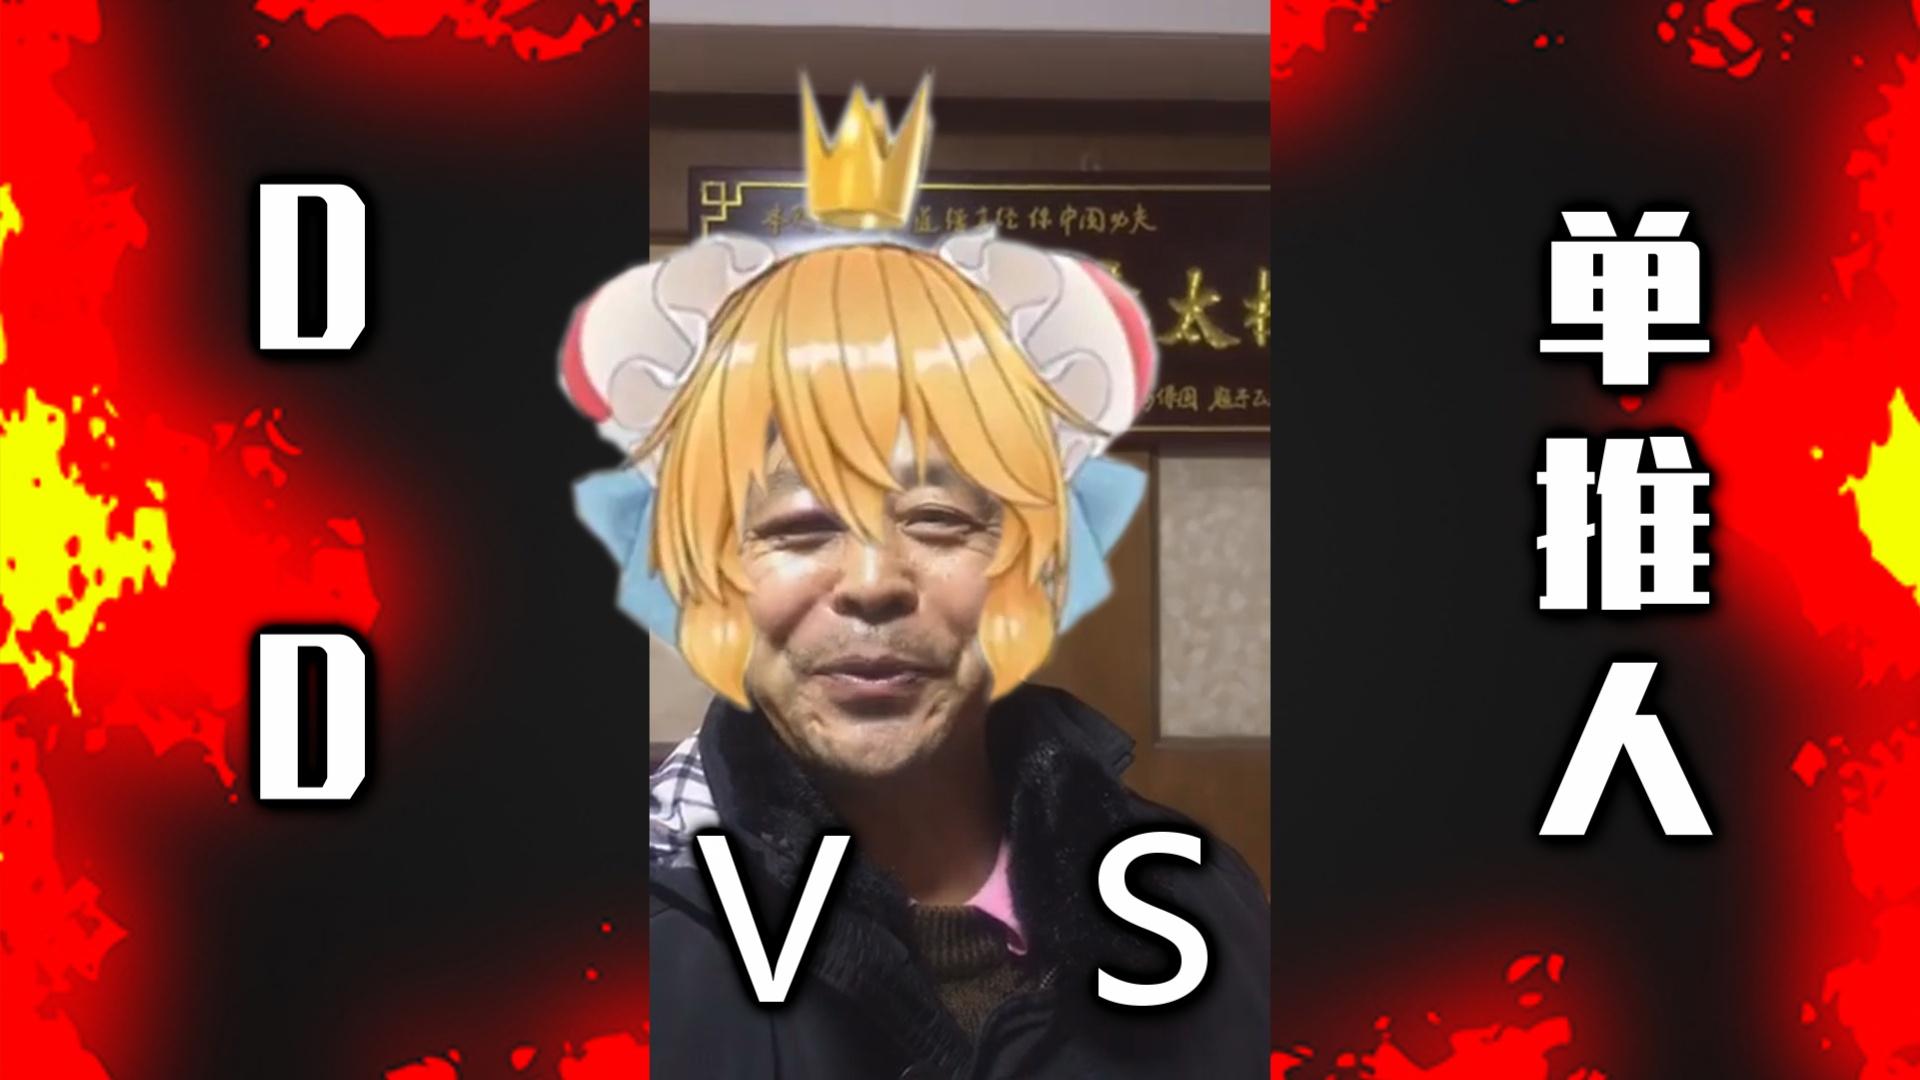 【独家】D D VS 单推人